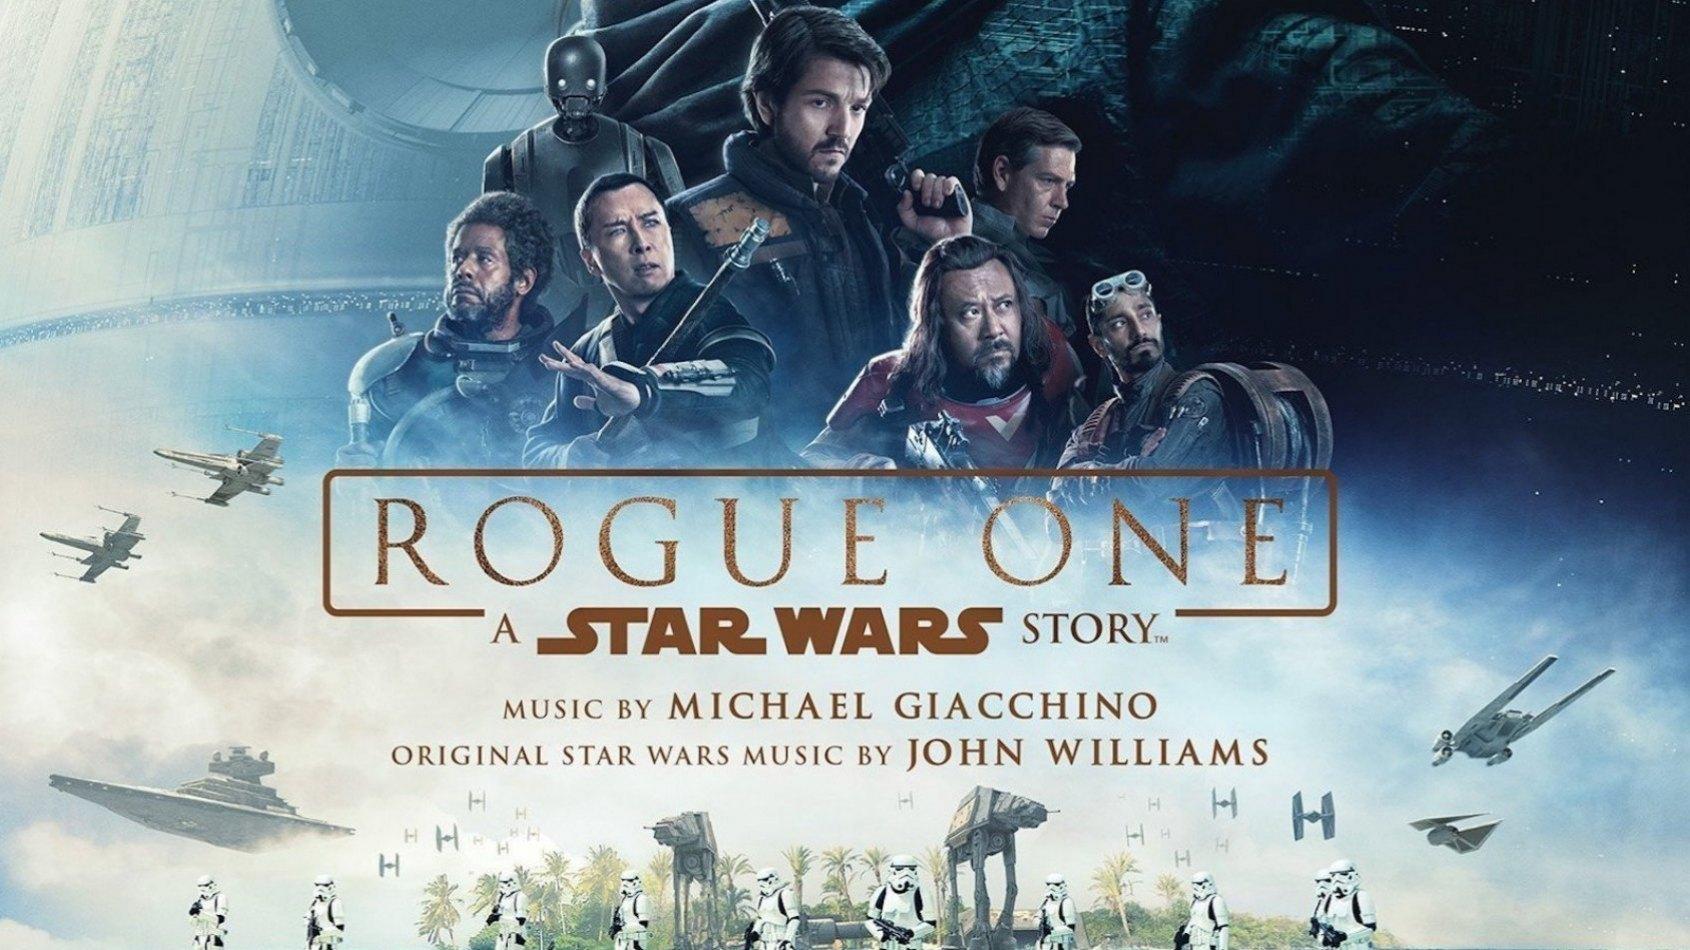 Deux extraits de musiques de Rogue One